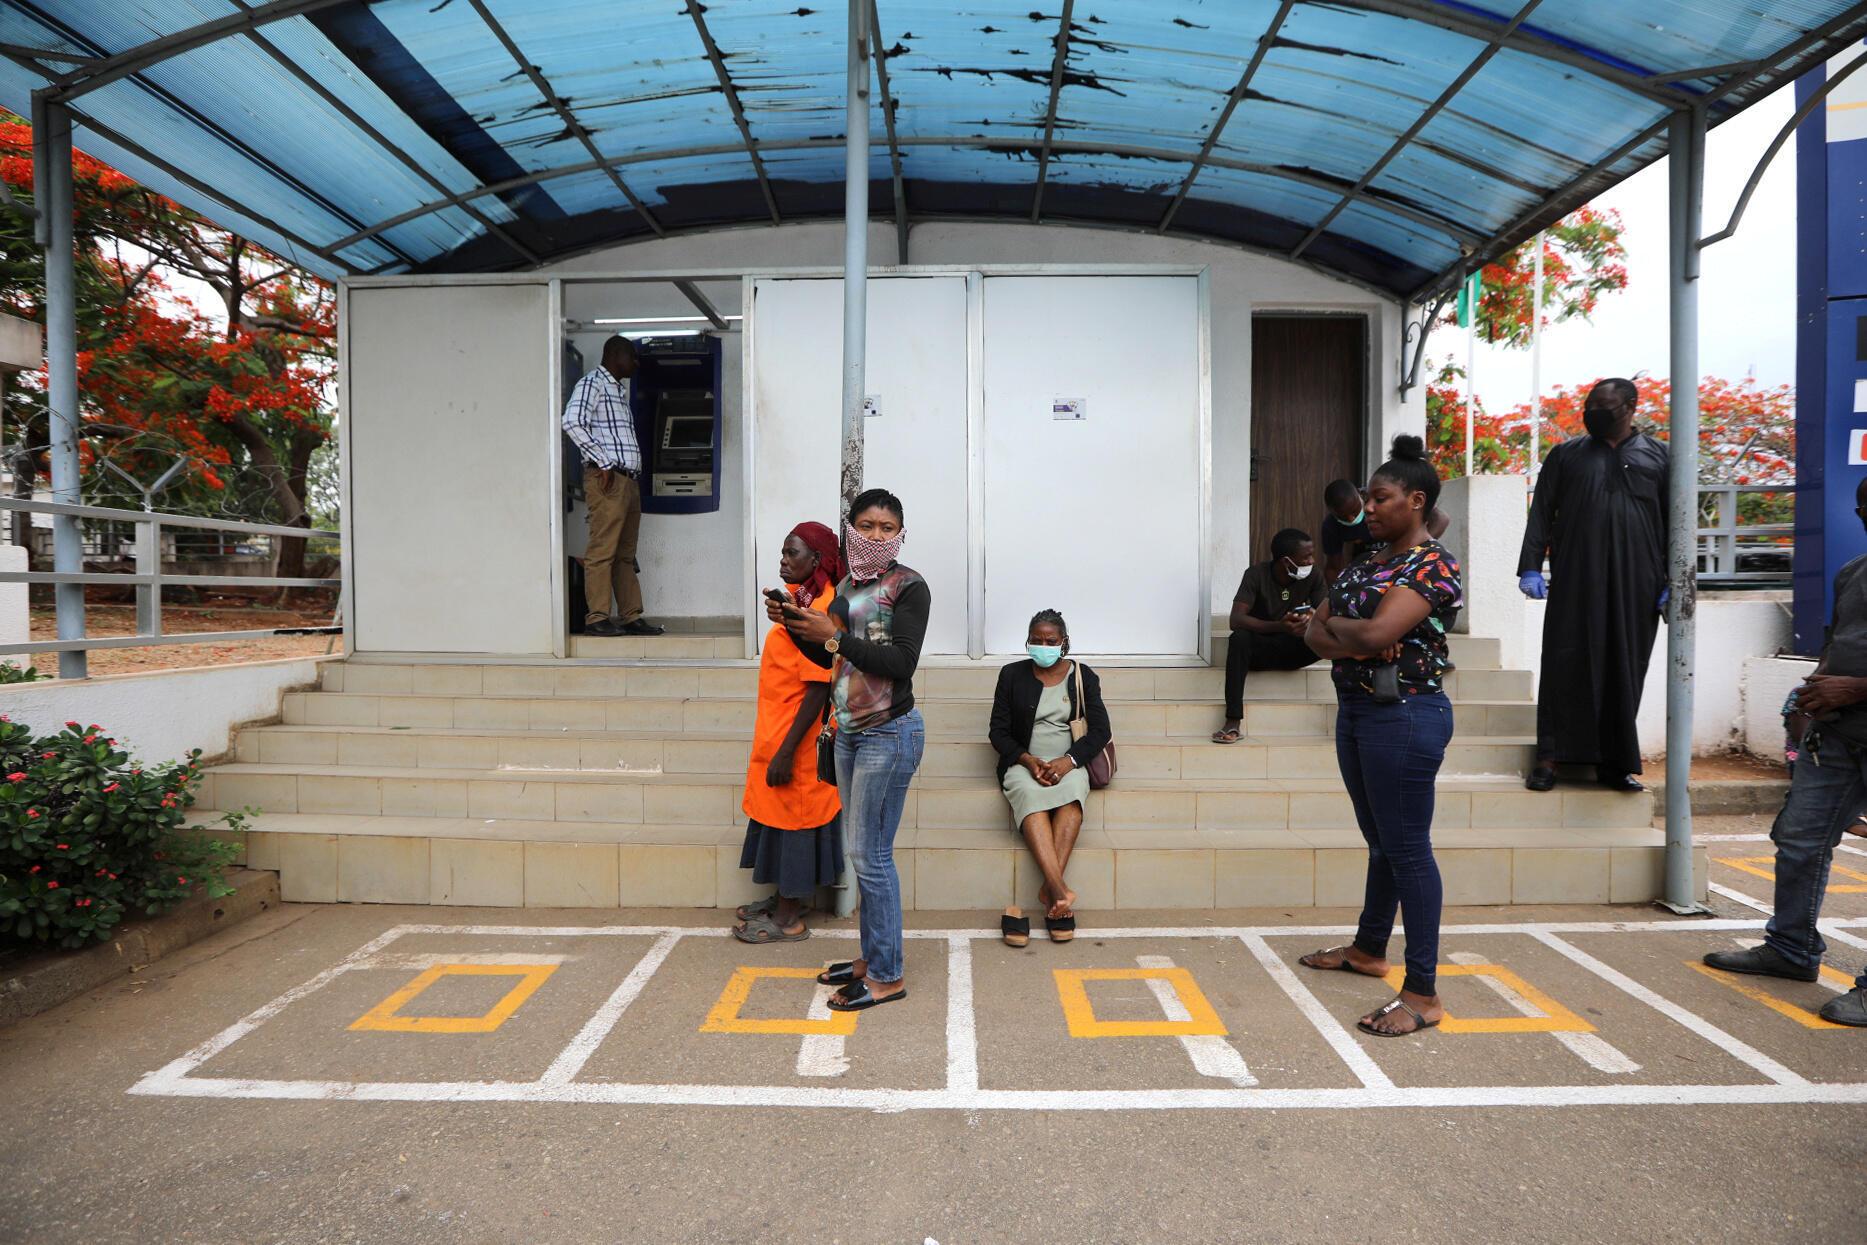 A Abuja, marquage au sol devant un distributeur de billets pour permettre de respecter la distance préconisée d'un mètre entre chaque personne, le 4 mai 2020.